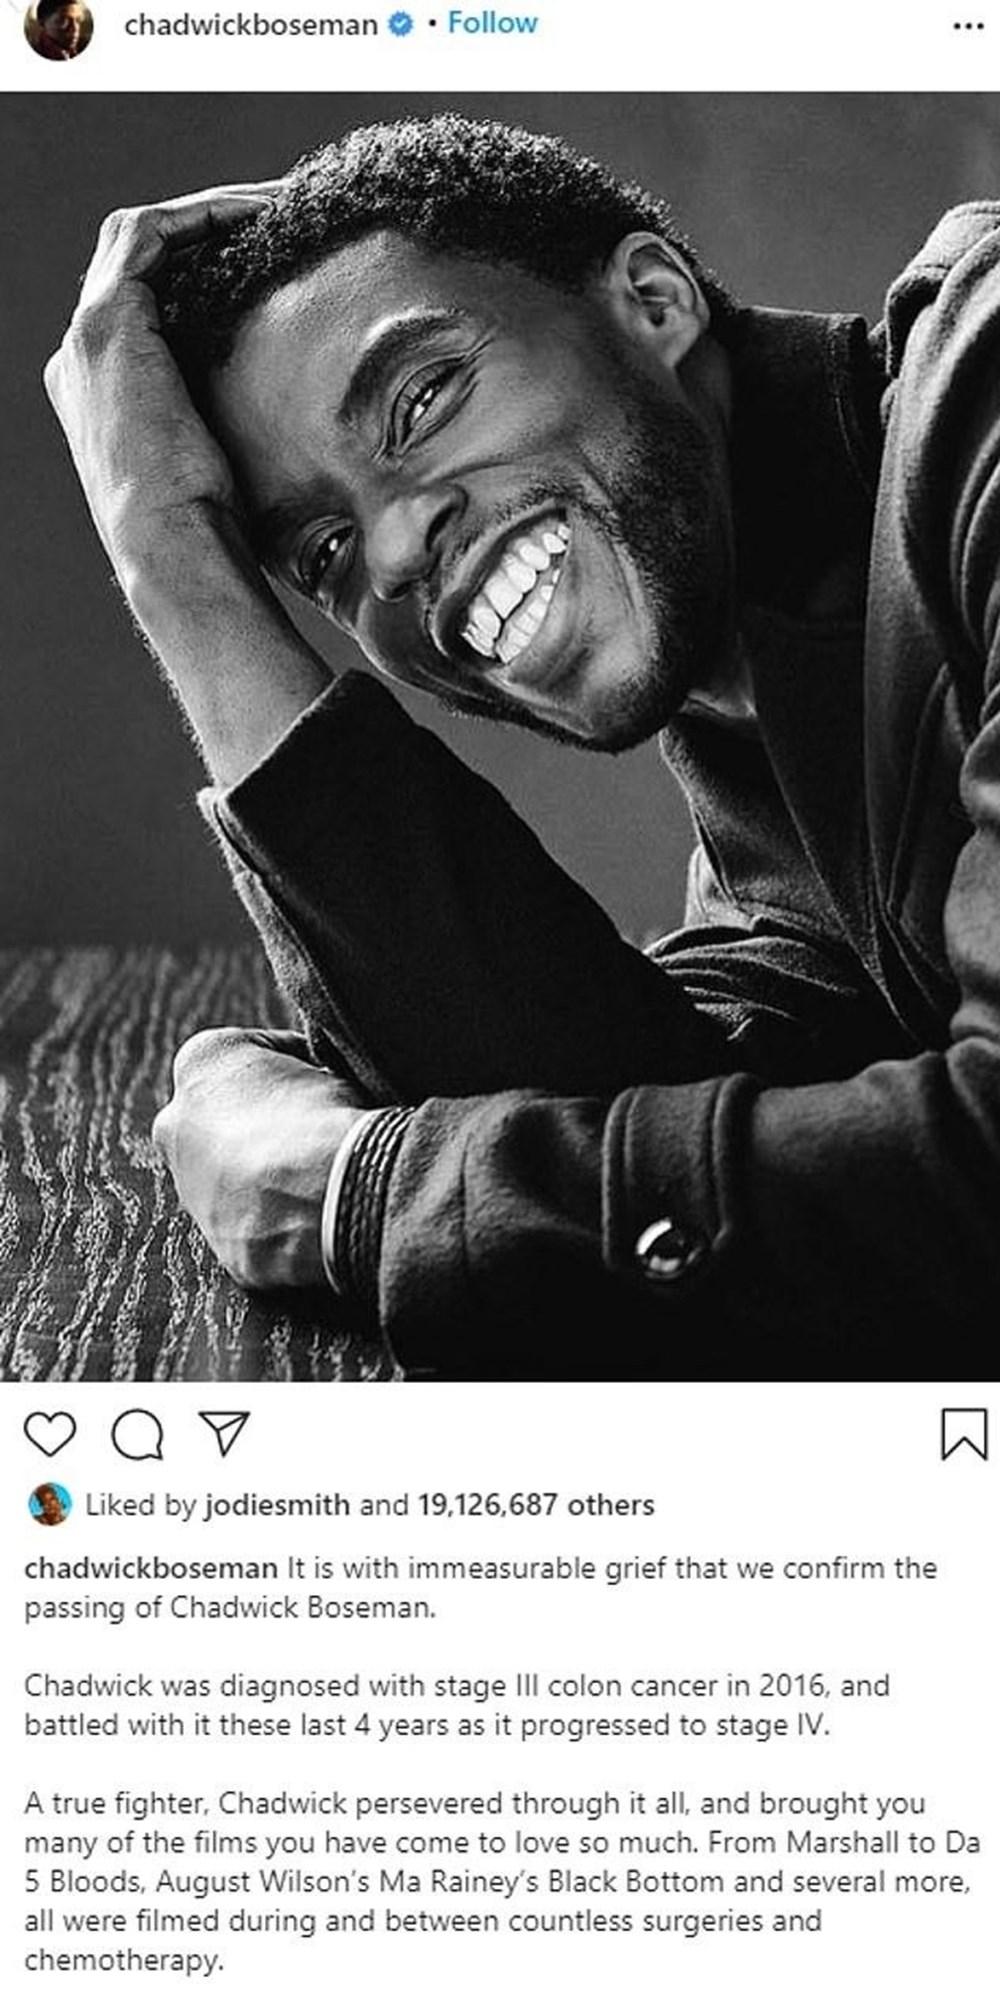 2020'de Instagram'da en çok beğenilen fotoğraflar - 9